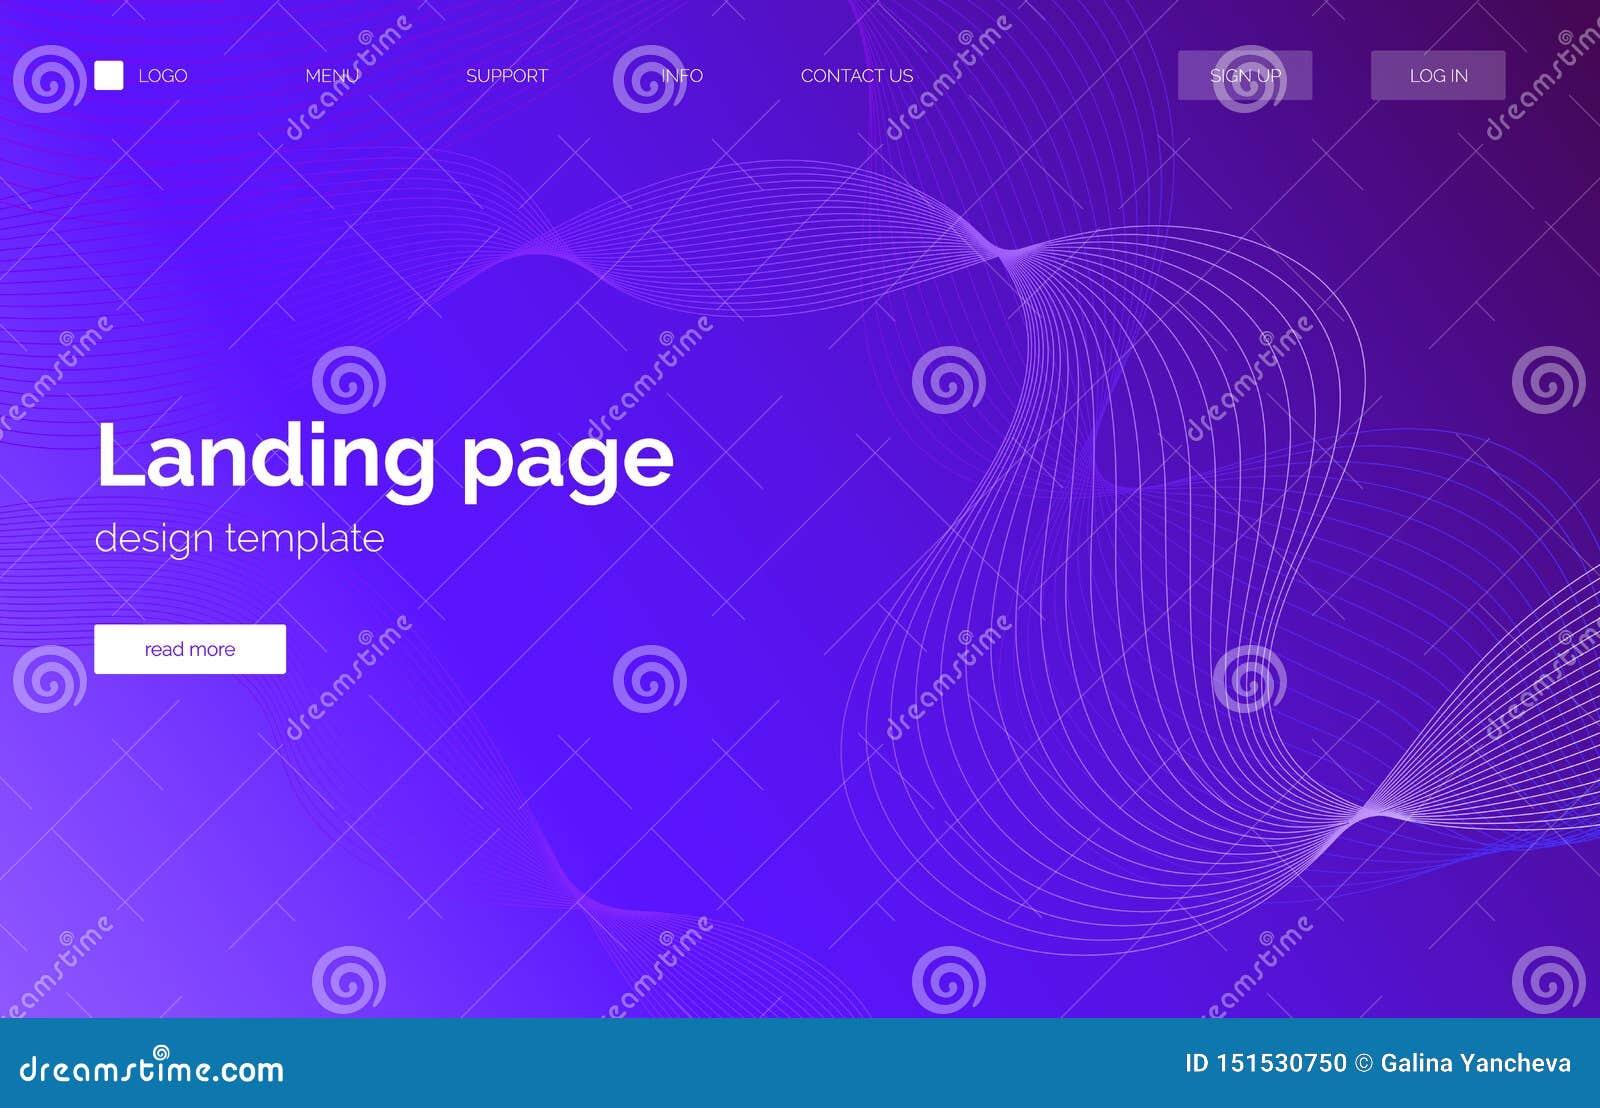 蓝色和白色梯度波浪背景,介绍的横幅,登陆的页,网站